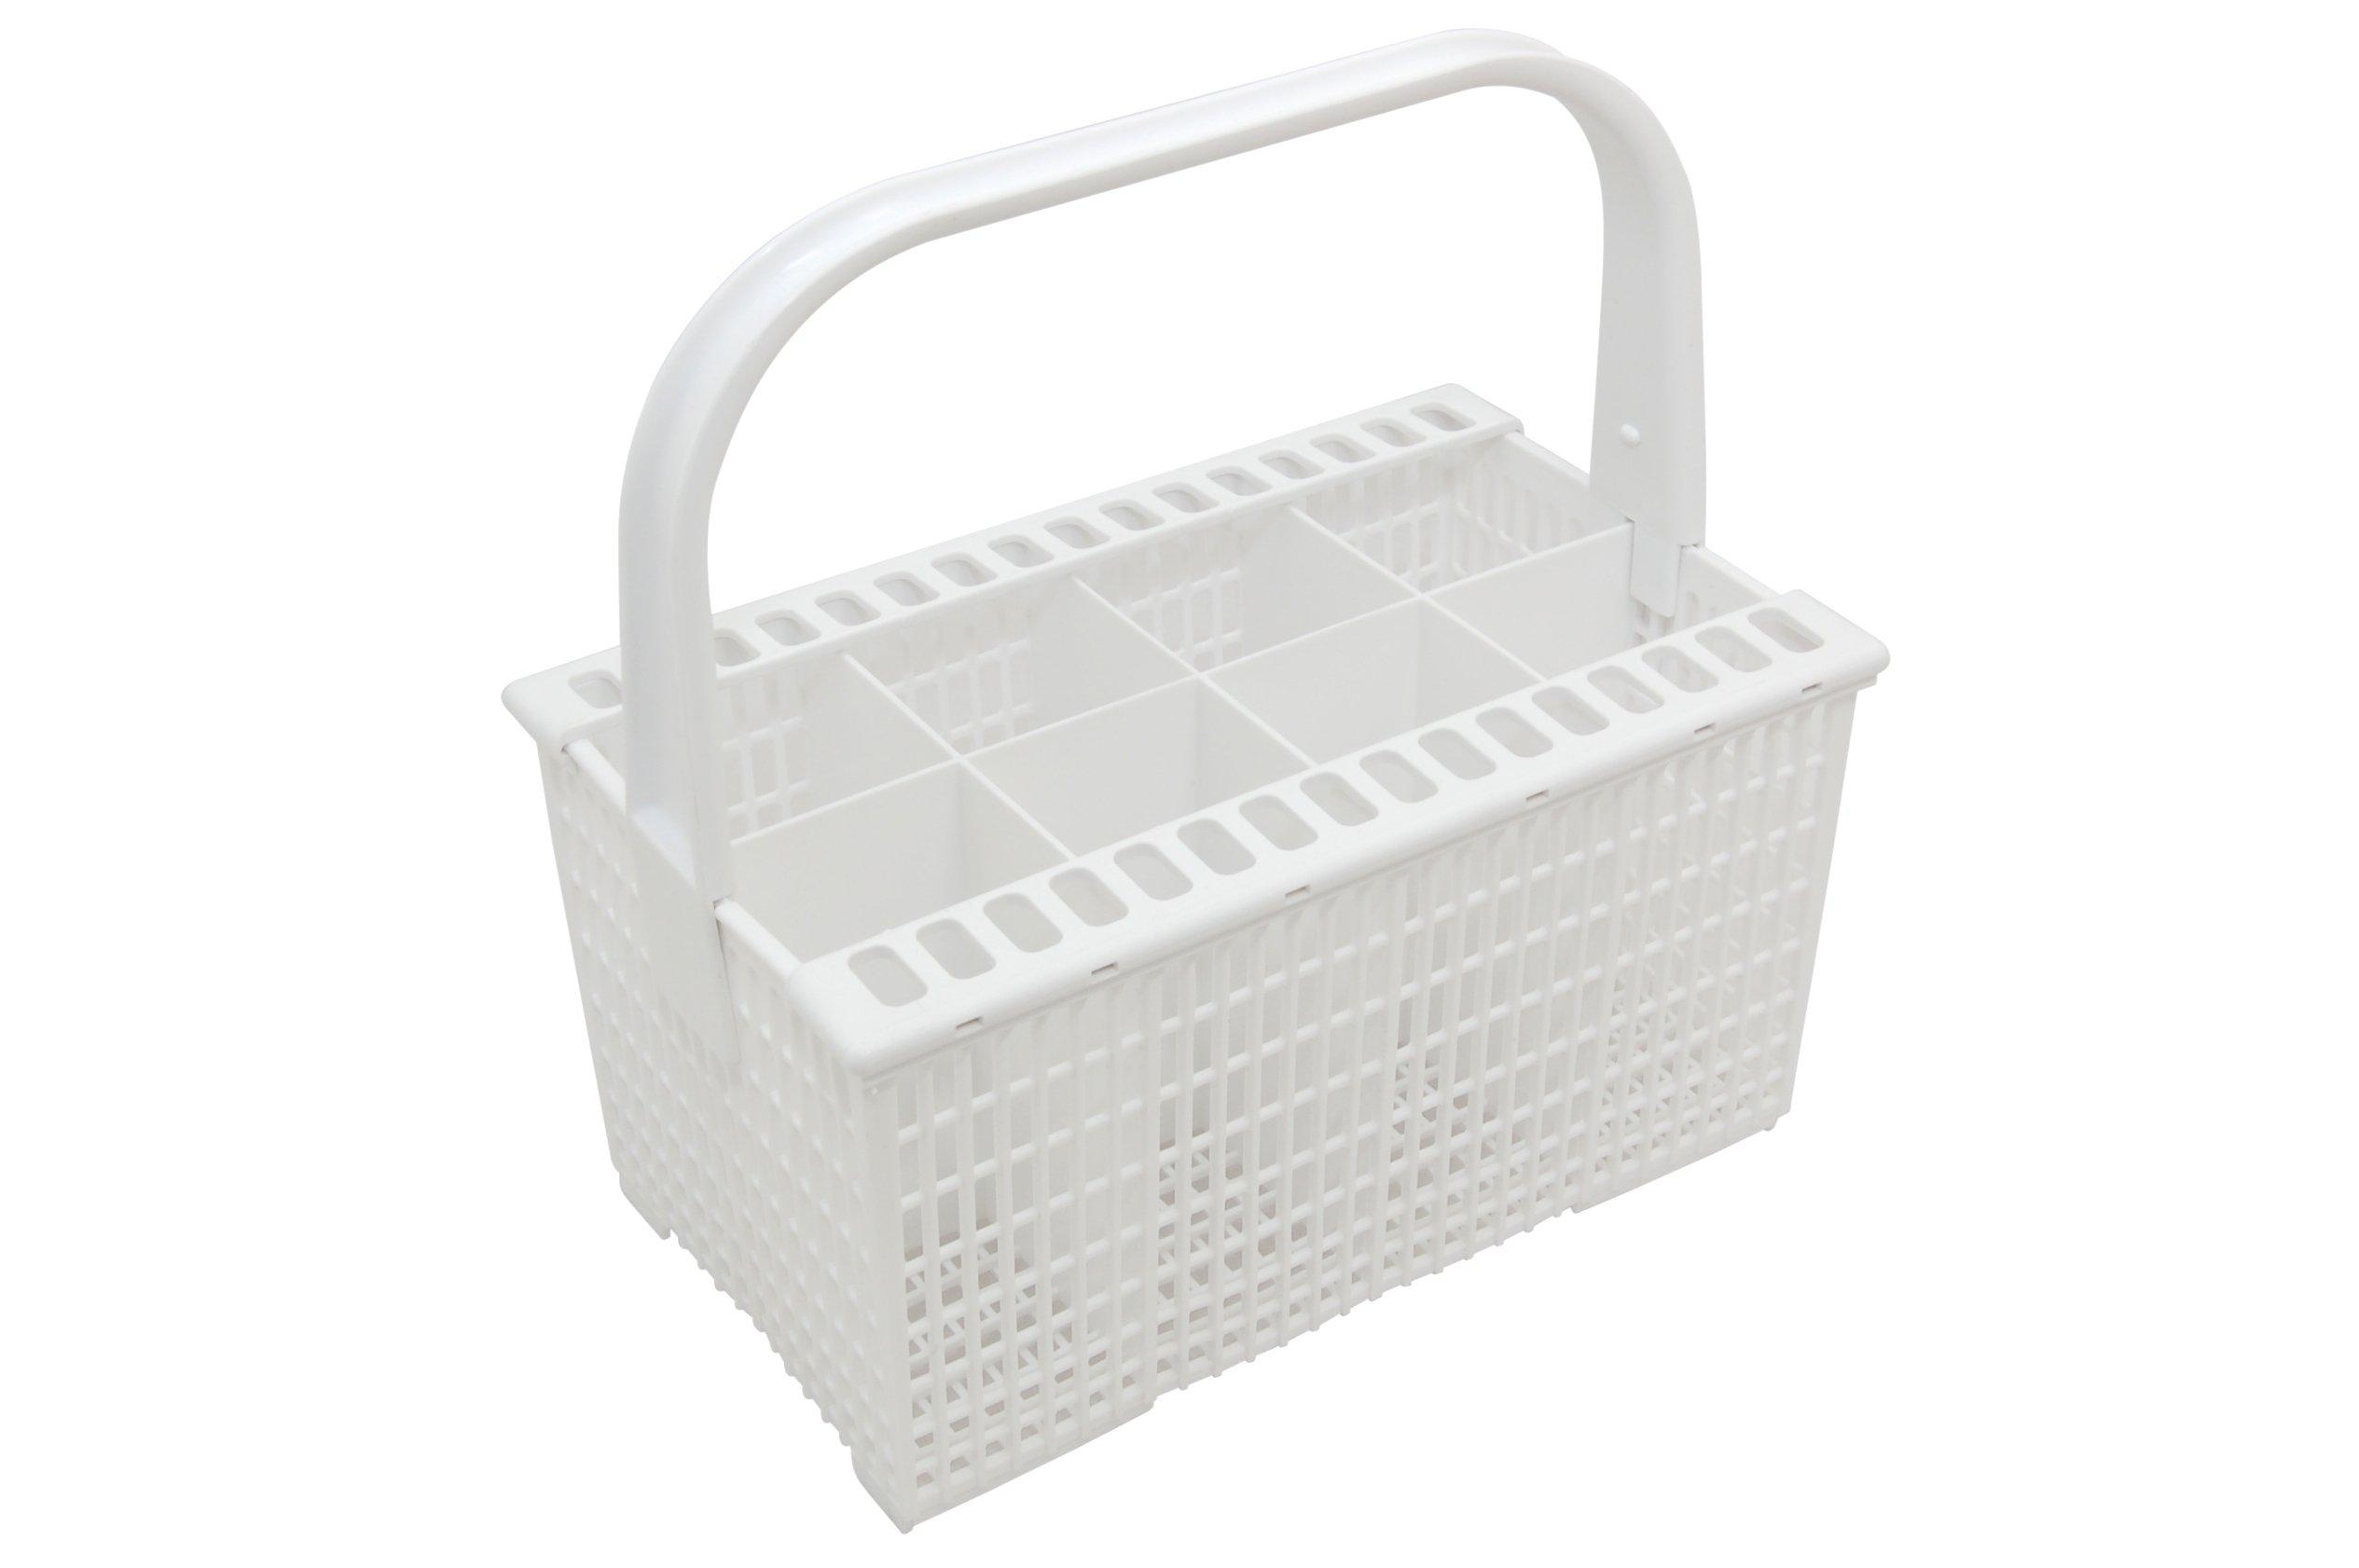 Zanussi - Cubertero para lavavajillas con asa y soporte para cuchillos, color blanco product image